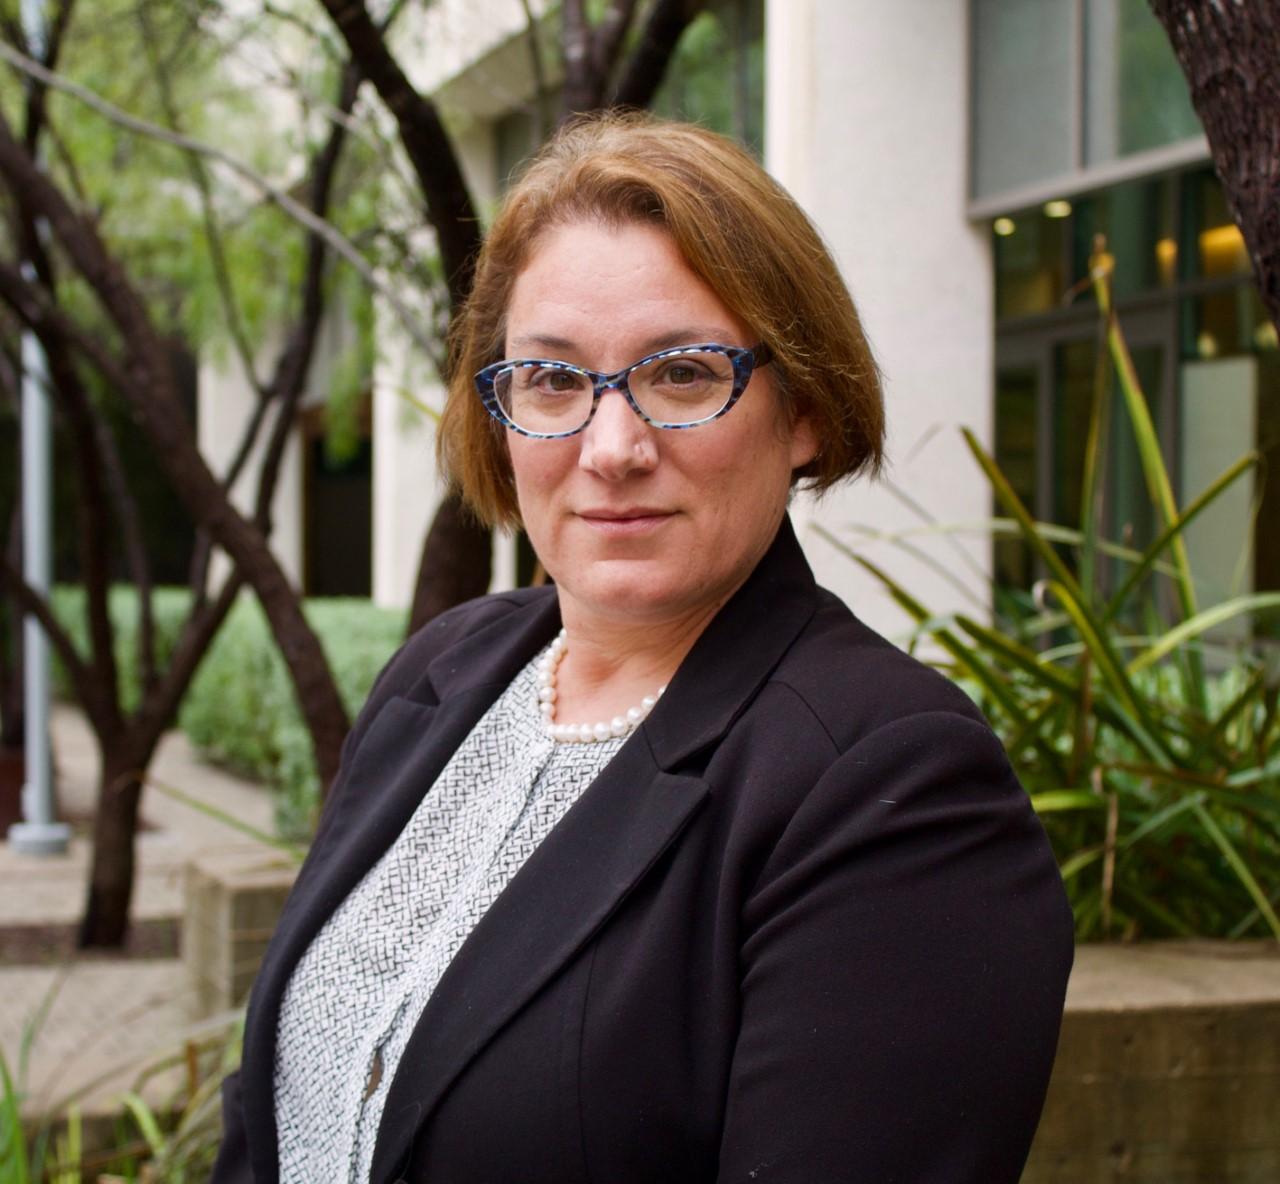 Gina M. Masullo